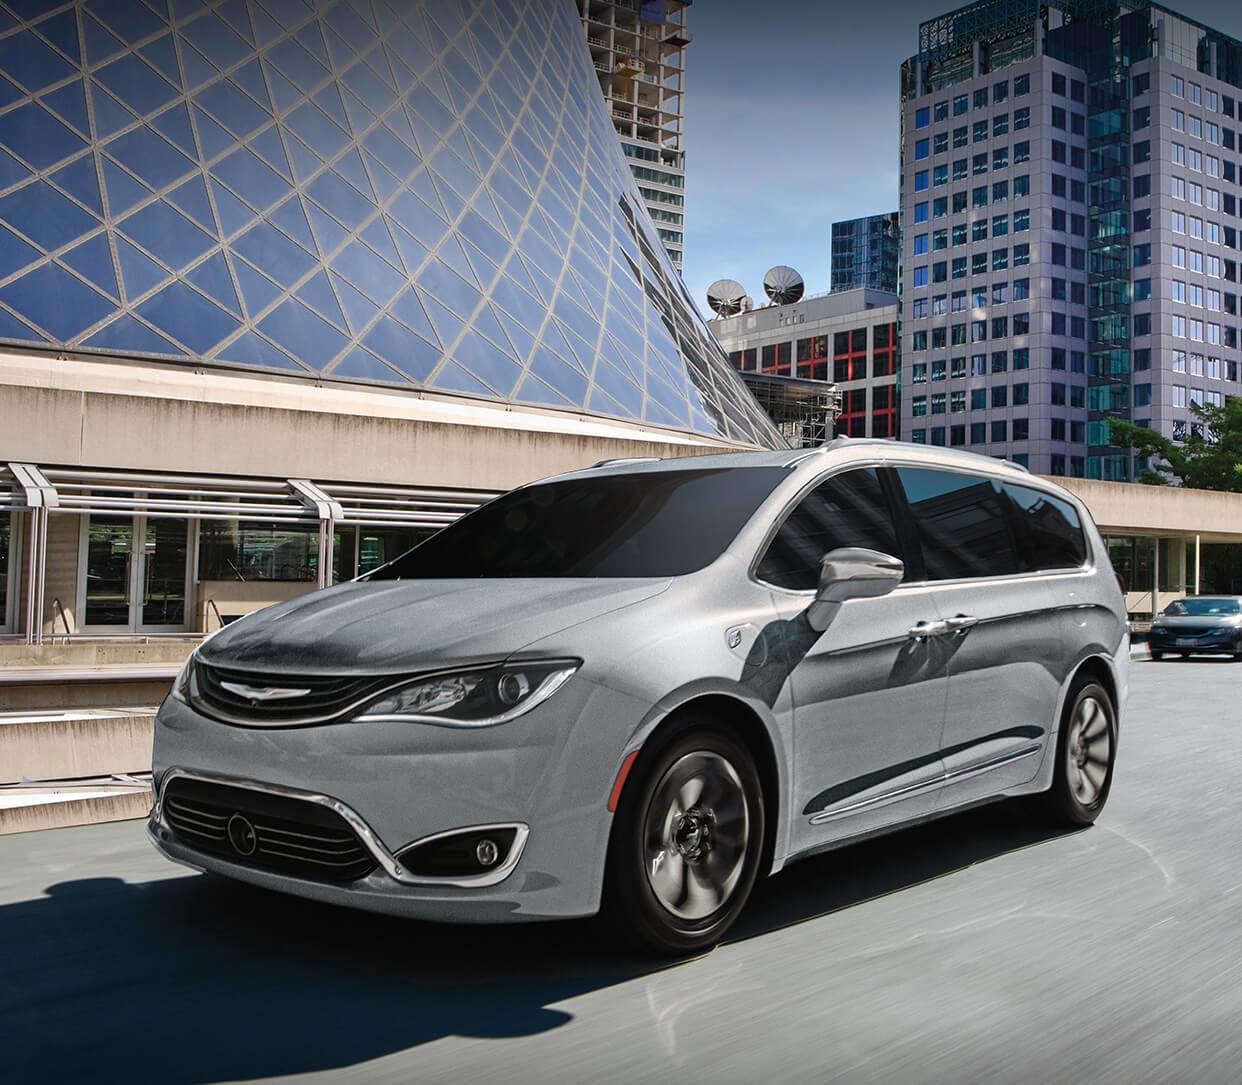 2019 Chrysler Pacifica Hybrid | Chrysler Canada